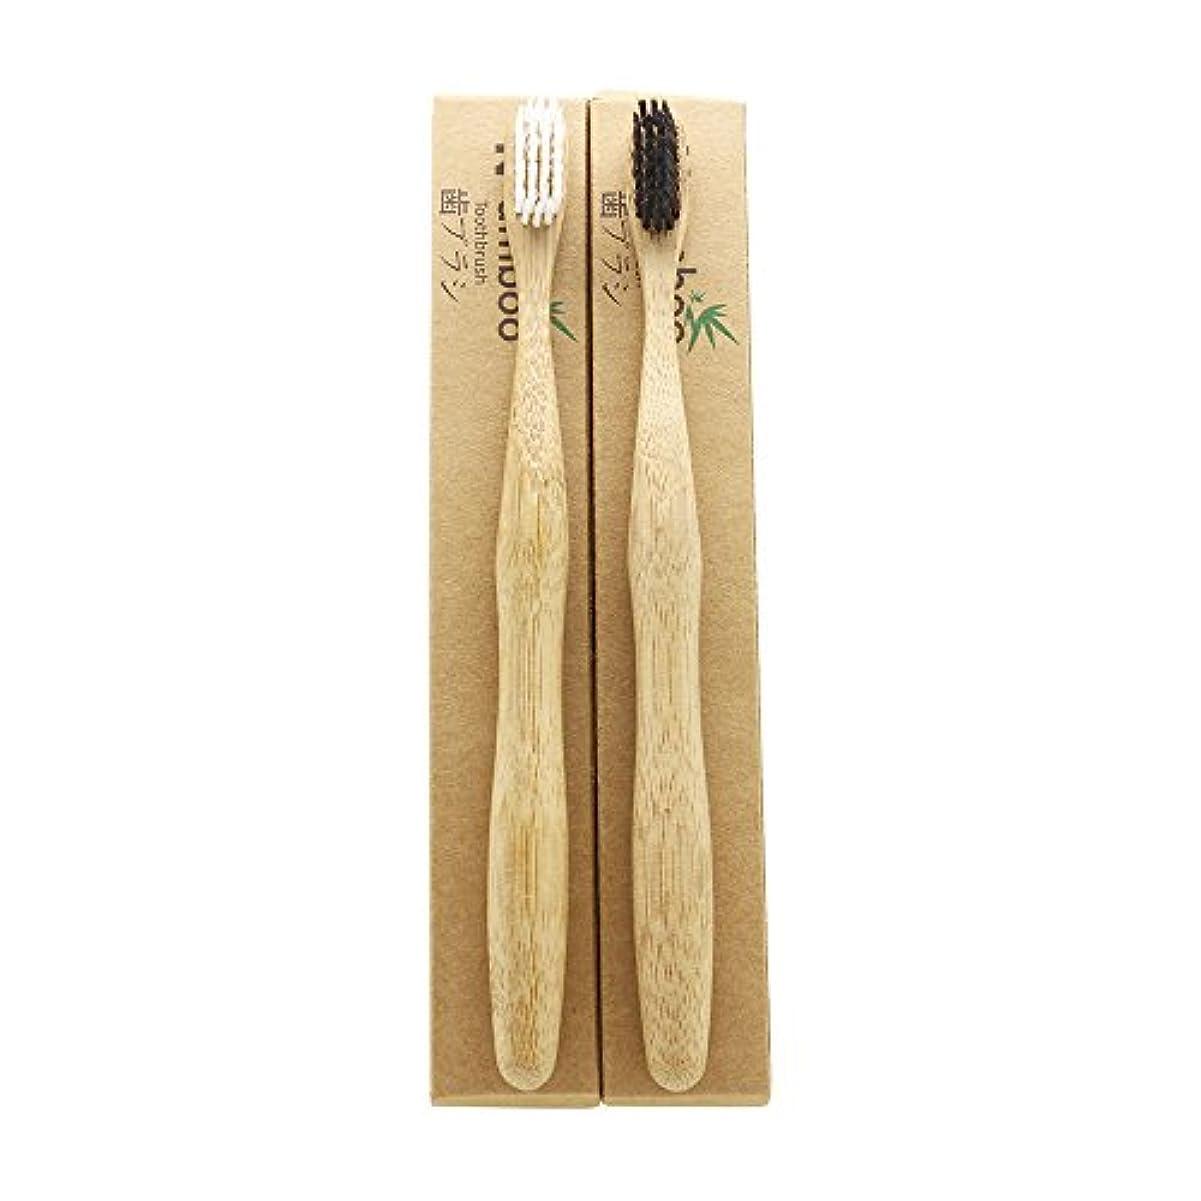 年札入れ最大化するN-amboo 竹製 歯ブラシ 高耐久性 白と黒 セット エコ  (2本)